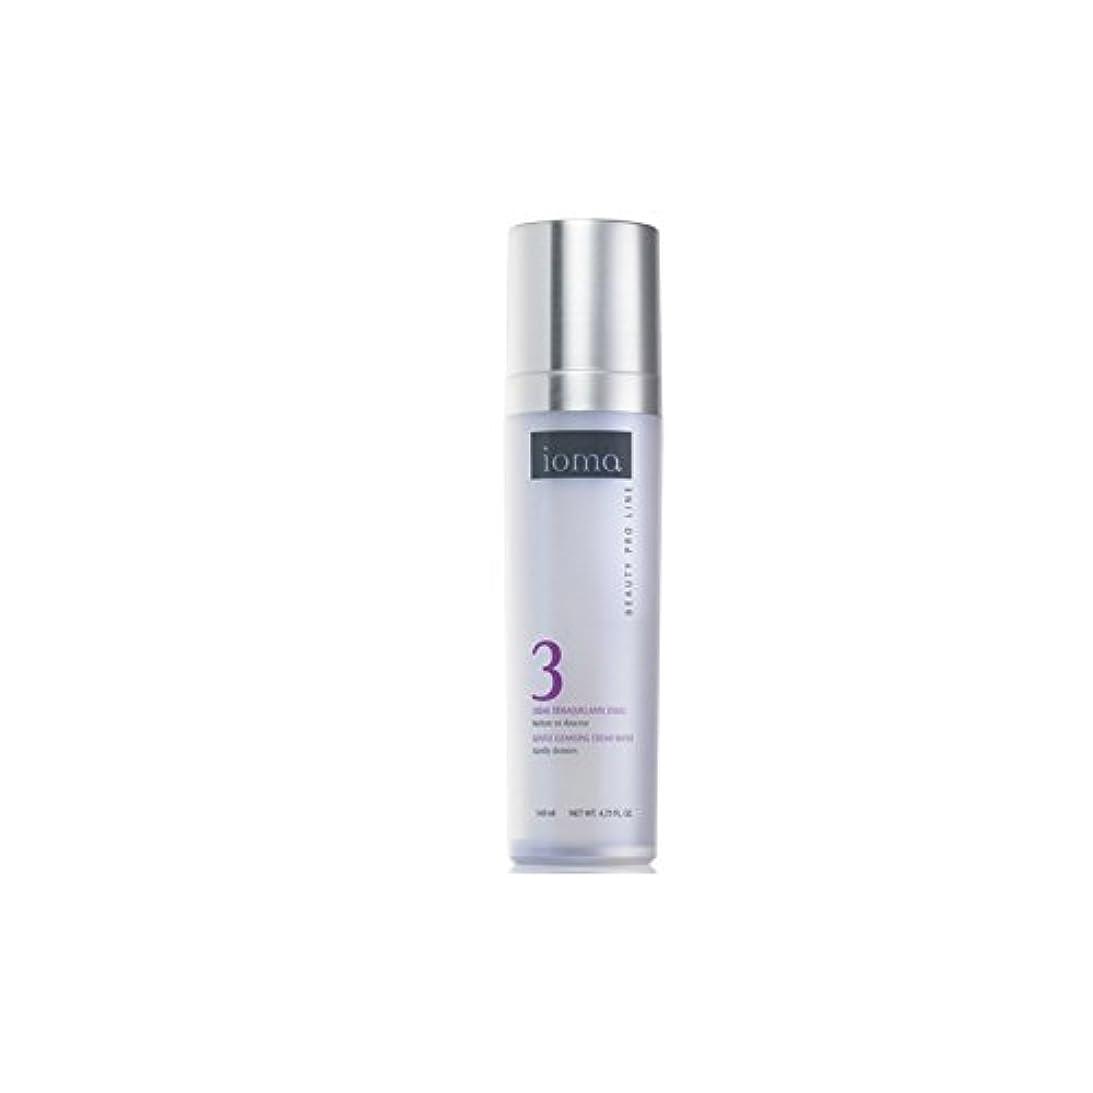 真夜中証拠取得するIoma Gentle Cleansing Cream Water 140ml (Pack of 6) - ジェントルクレンジングクリーム水140ミリリットル x6 [並行輸入品]